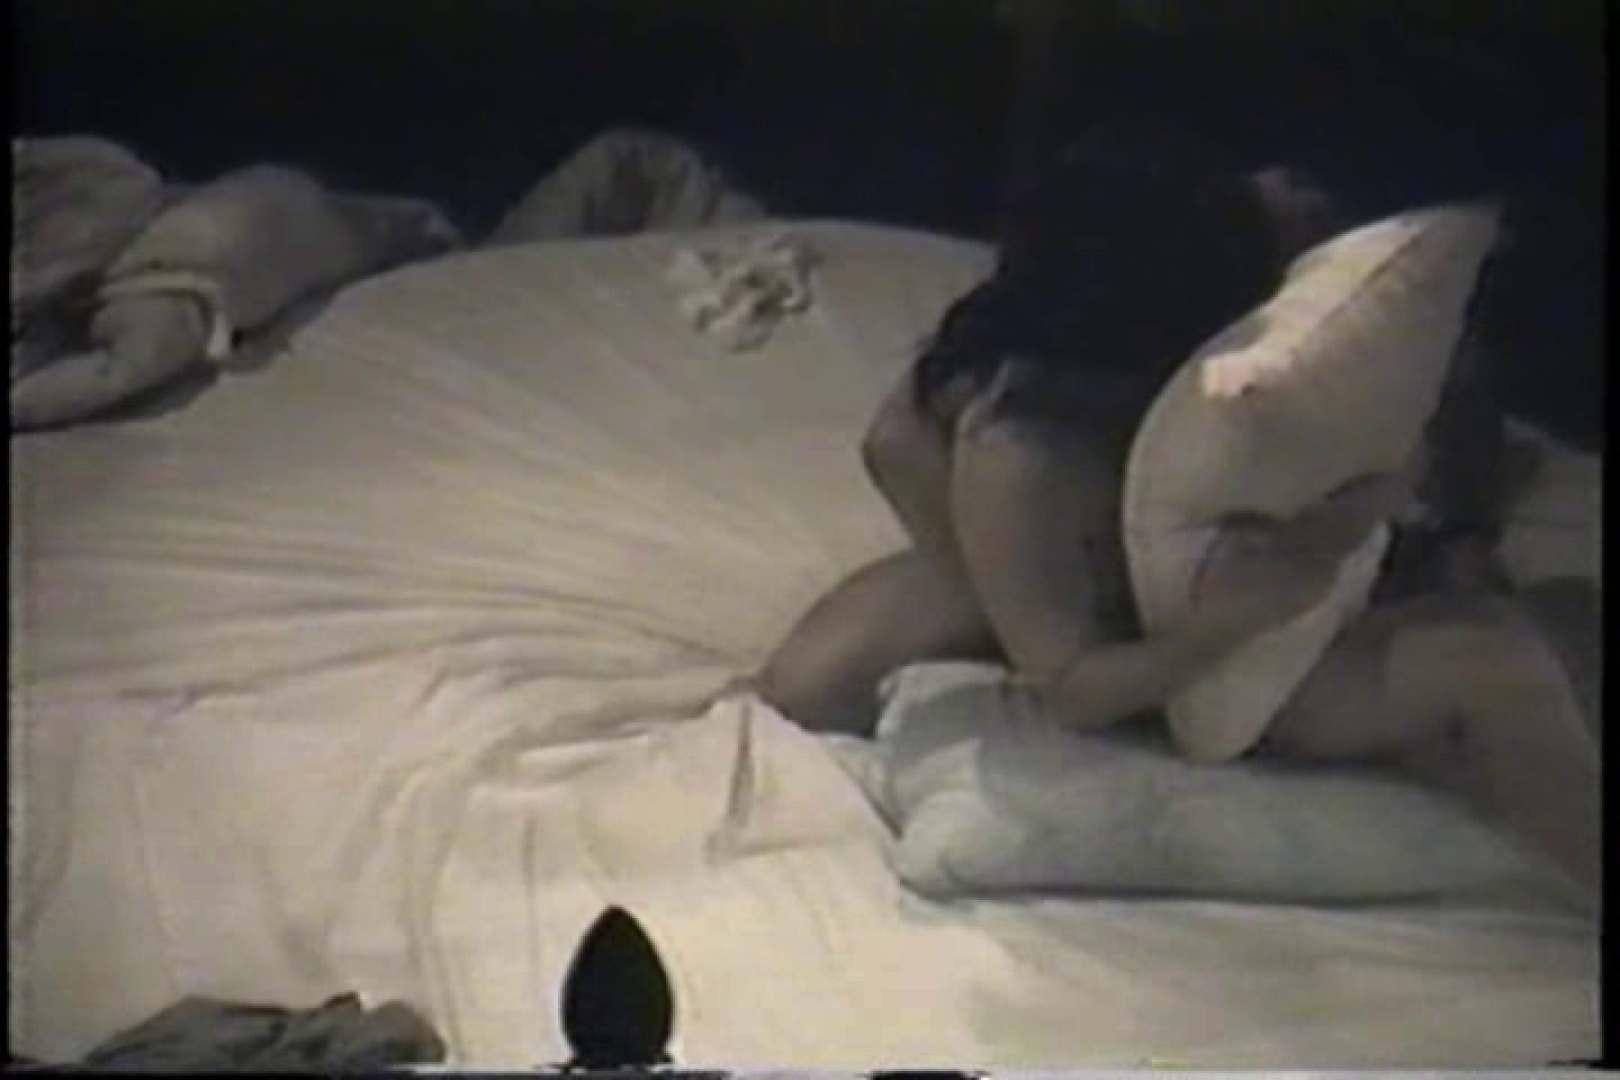 実録!ラブホテル~消し忘れ注意!昭和の色編~ vol.21 クンニ 盗撮エロ画像 108連発 97